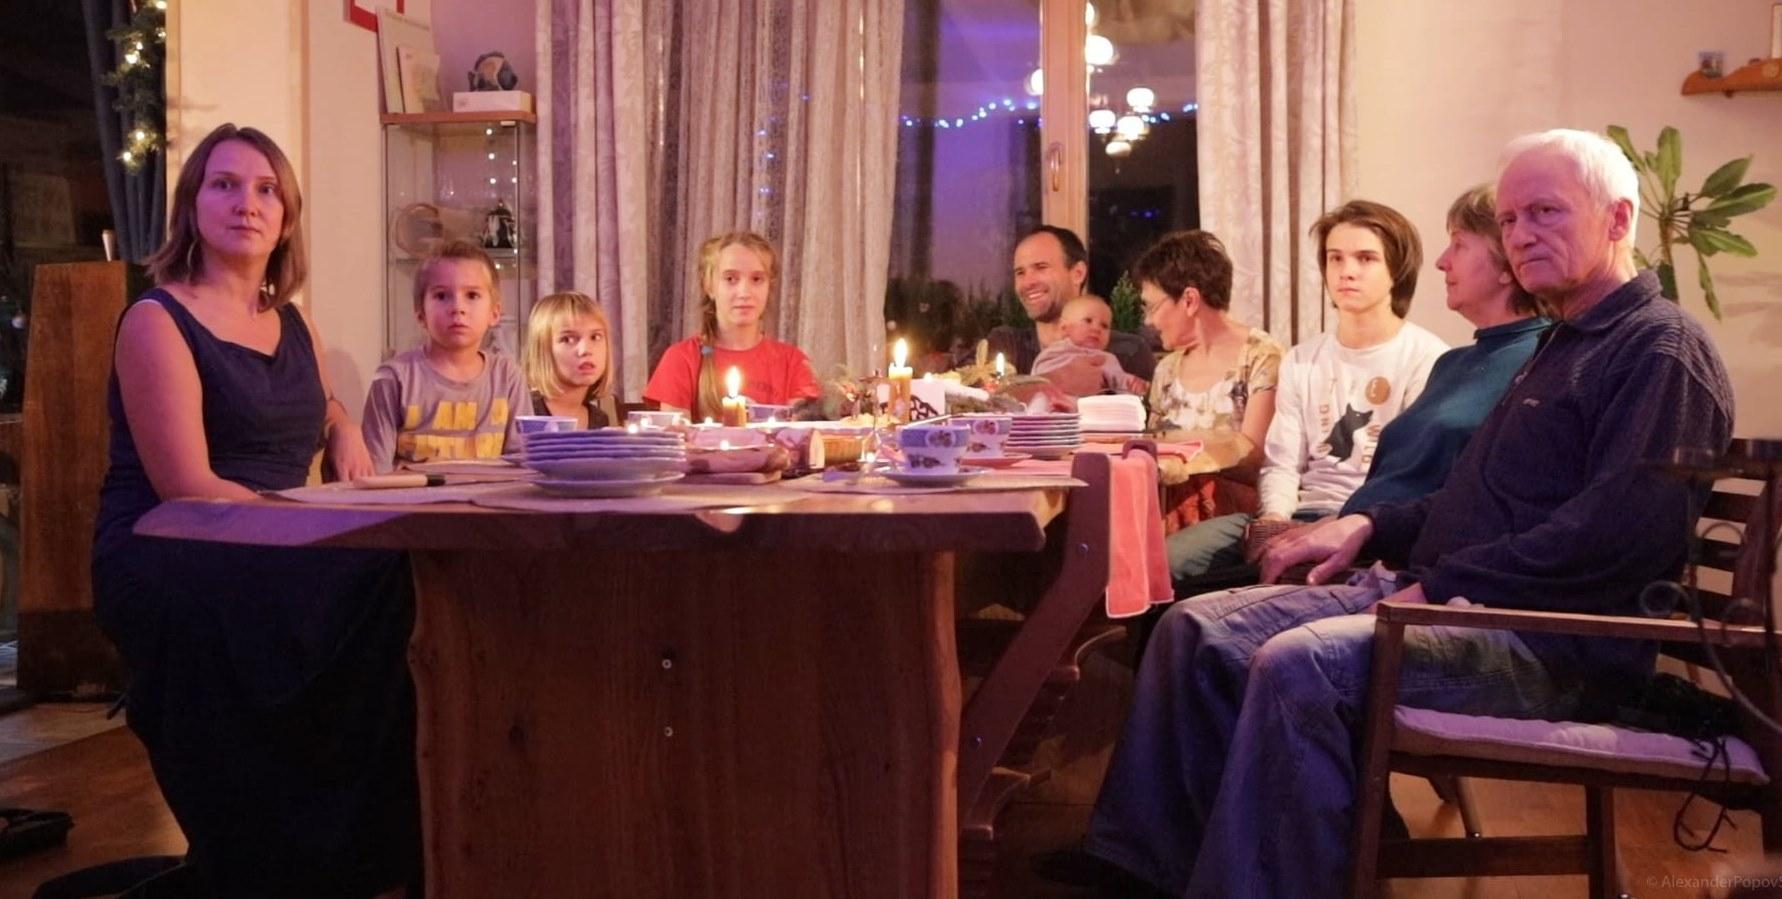 """""""Воскресение"""": фильм о жизни с маленькими чудесами и понятными всем конфликтами"""